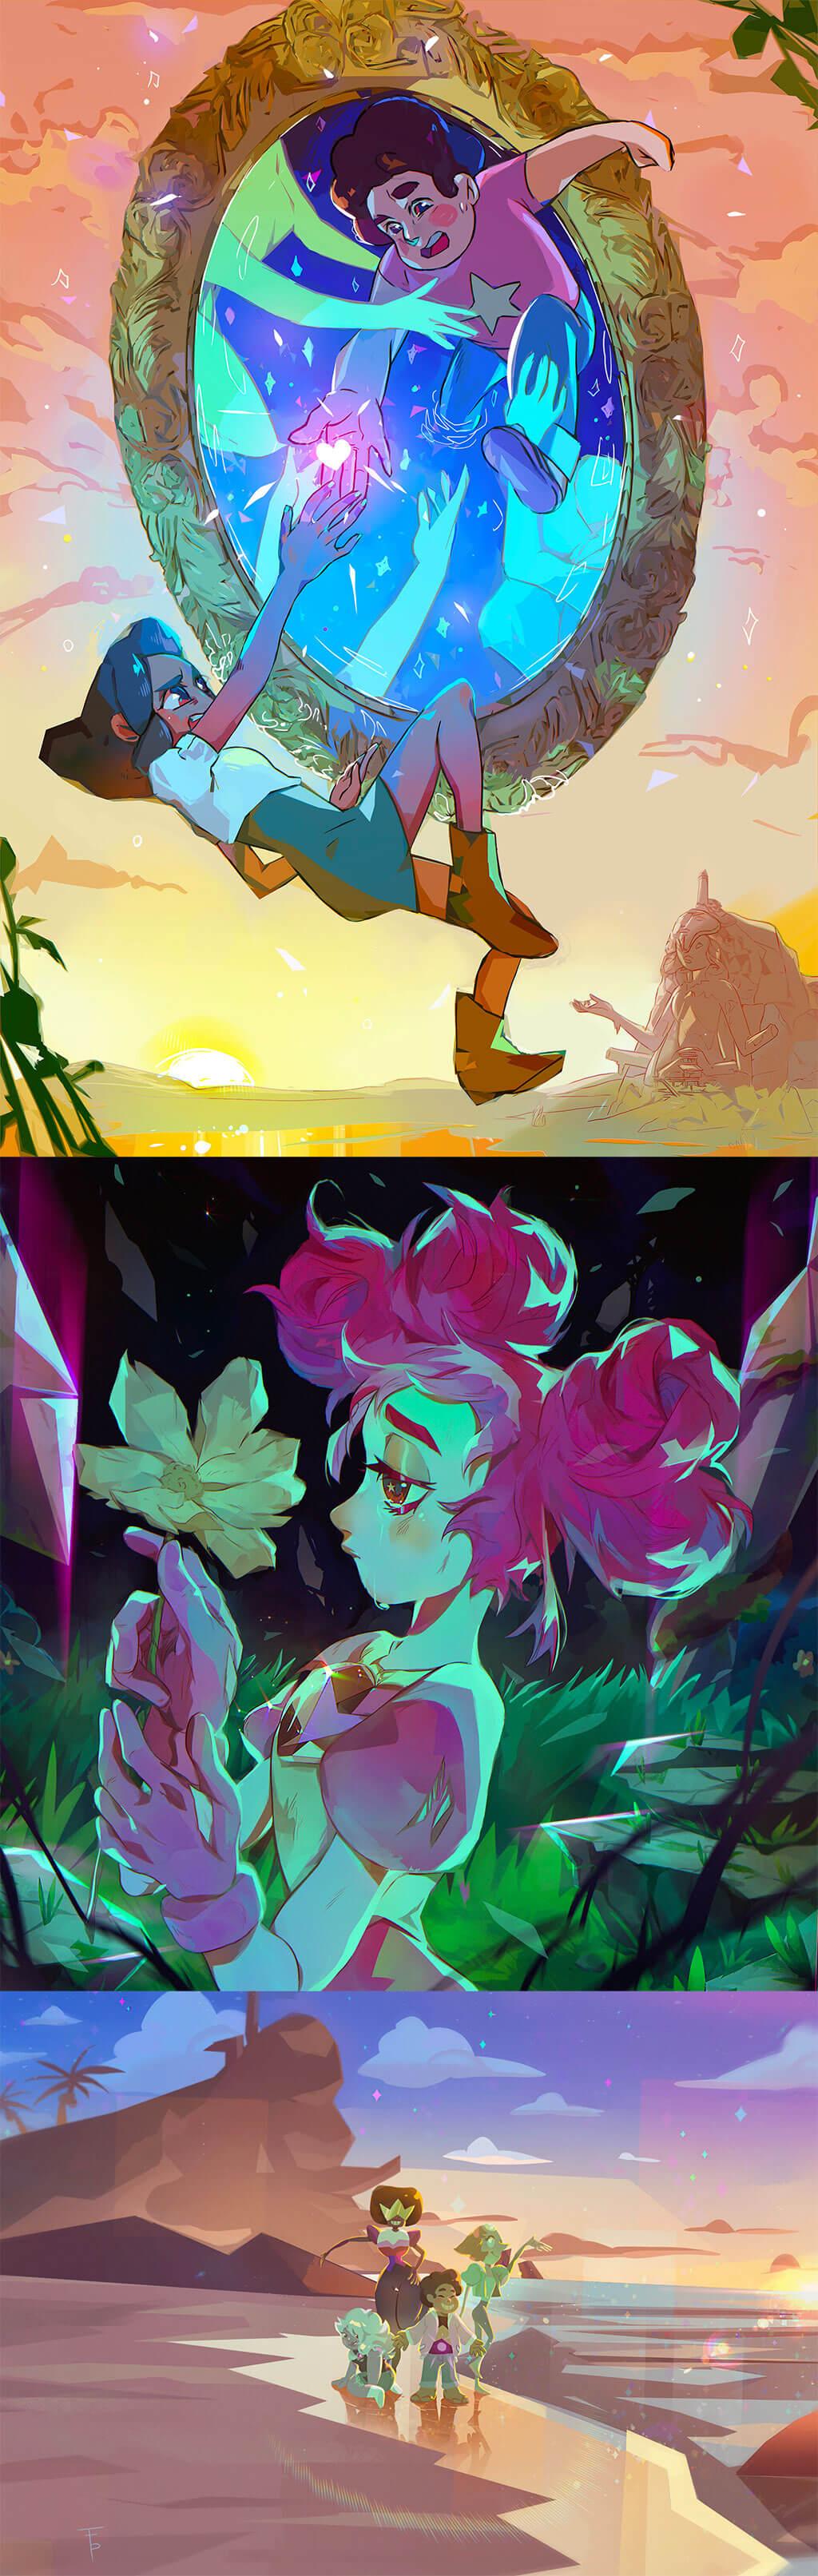 Steven Universe Fan Art by Francesca Pagano